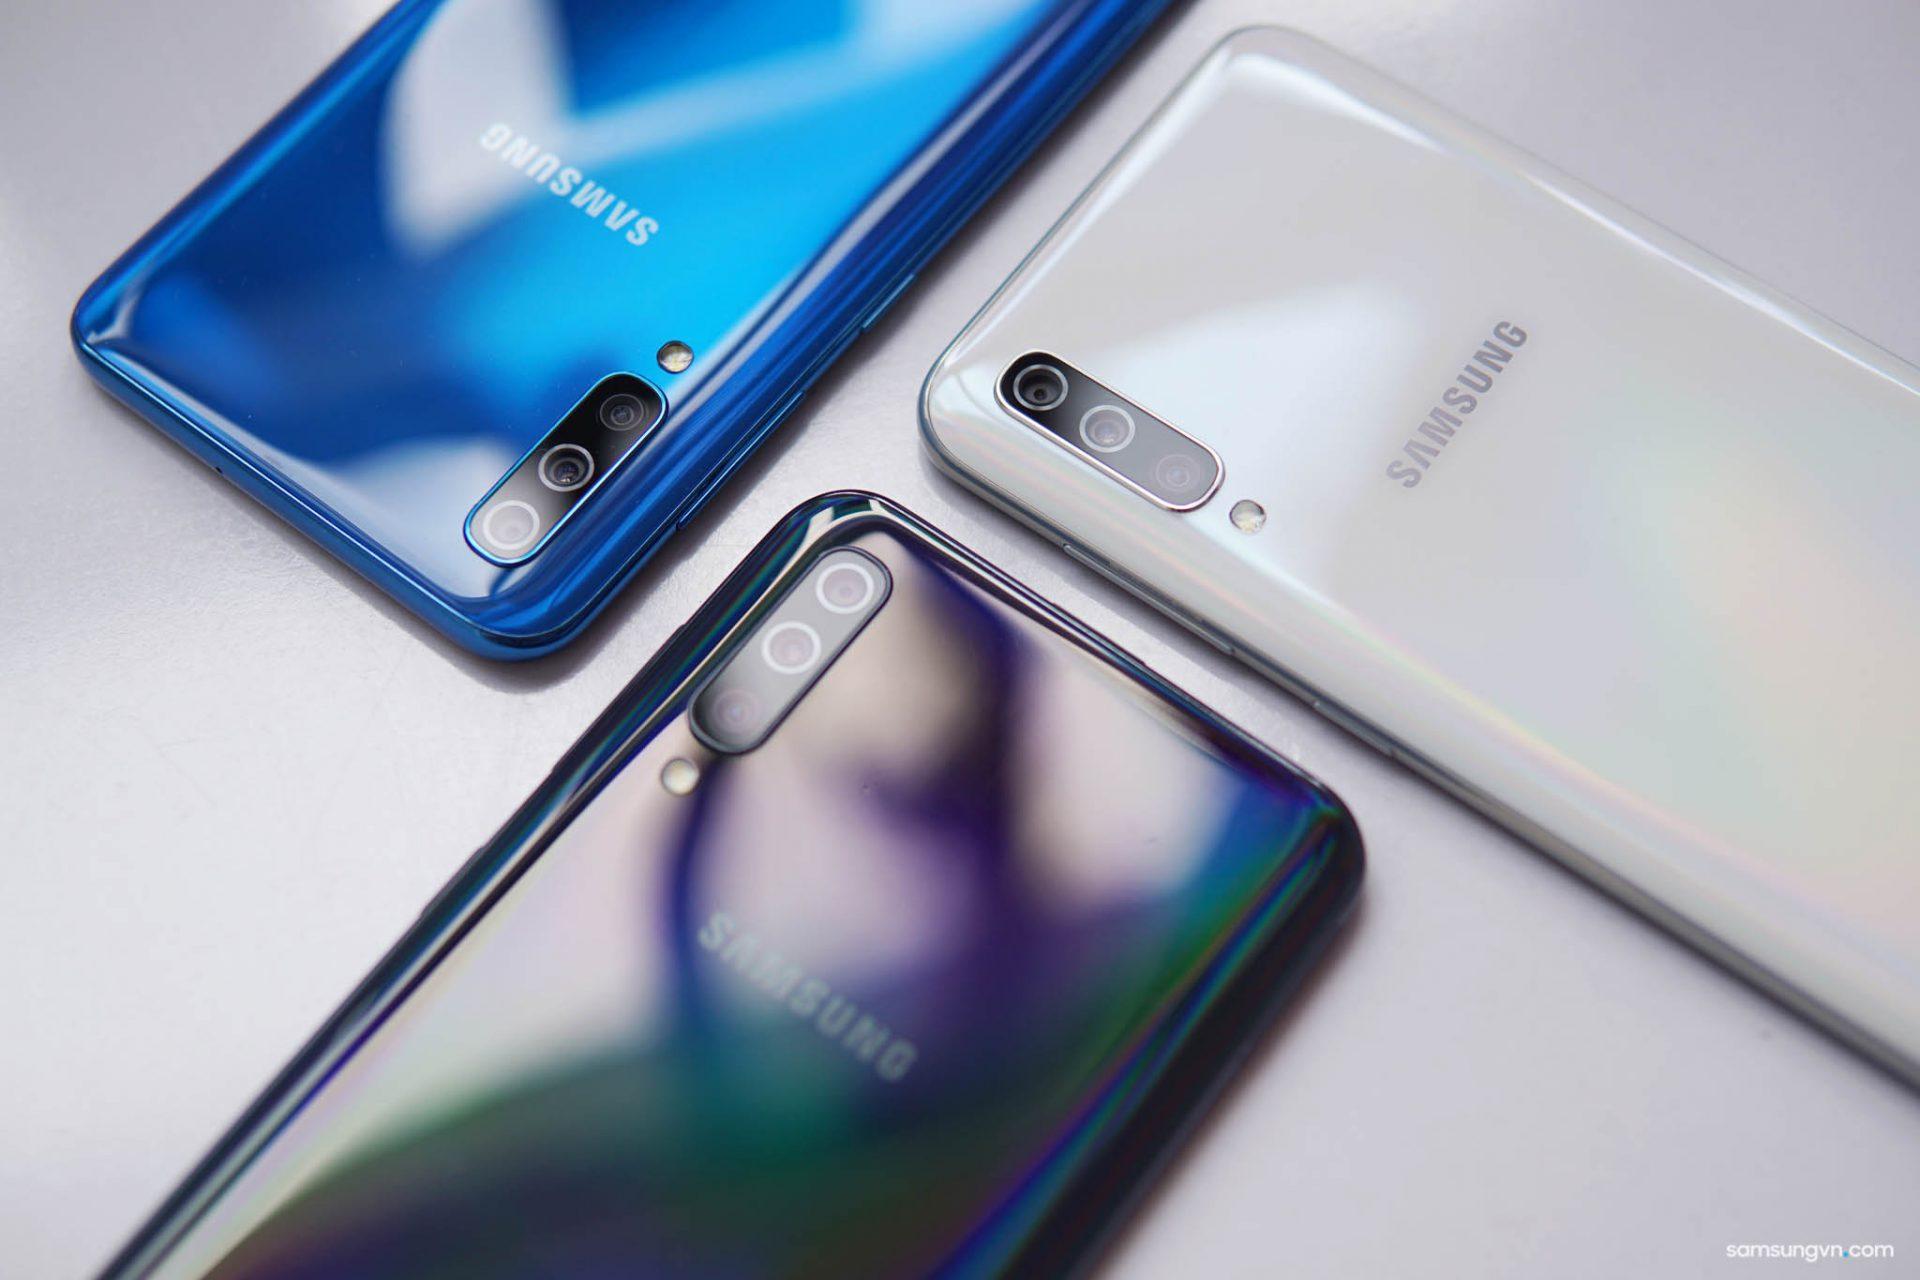 """Bộ sưu tập 3 màu sắc thời thượng, chuyển màu độc đáo của """"smartphone mọi đột phá"""" Galaxy A50"""